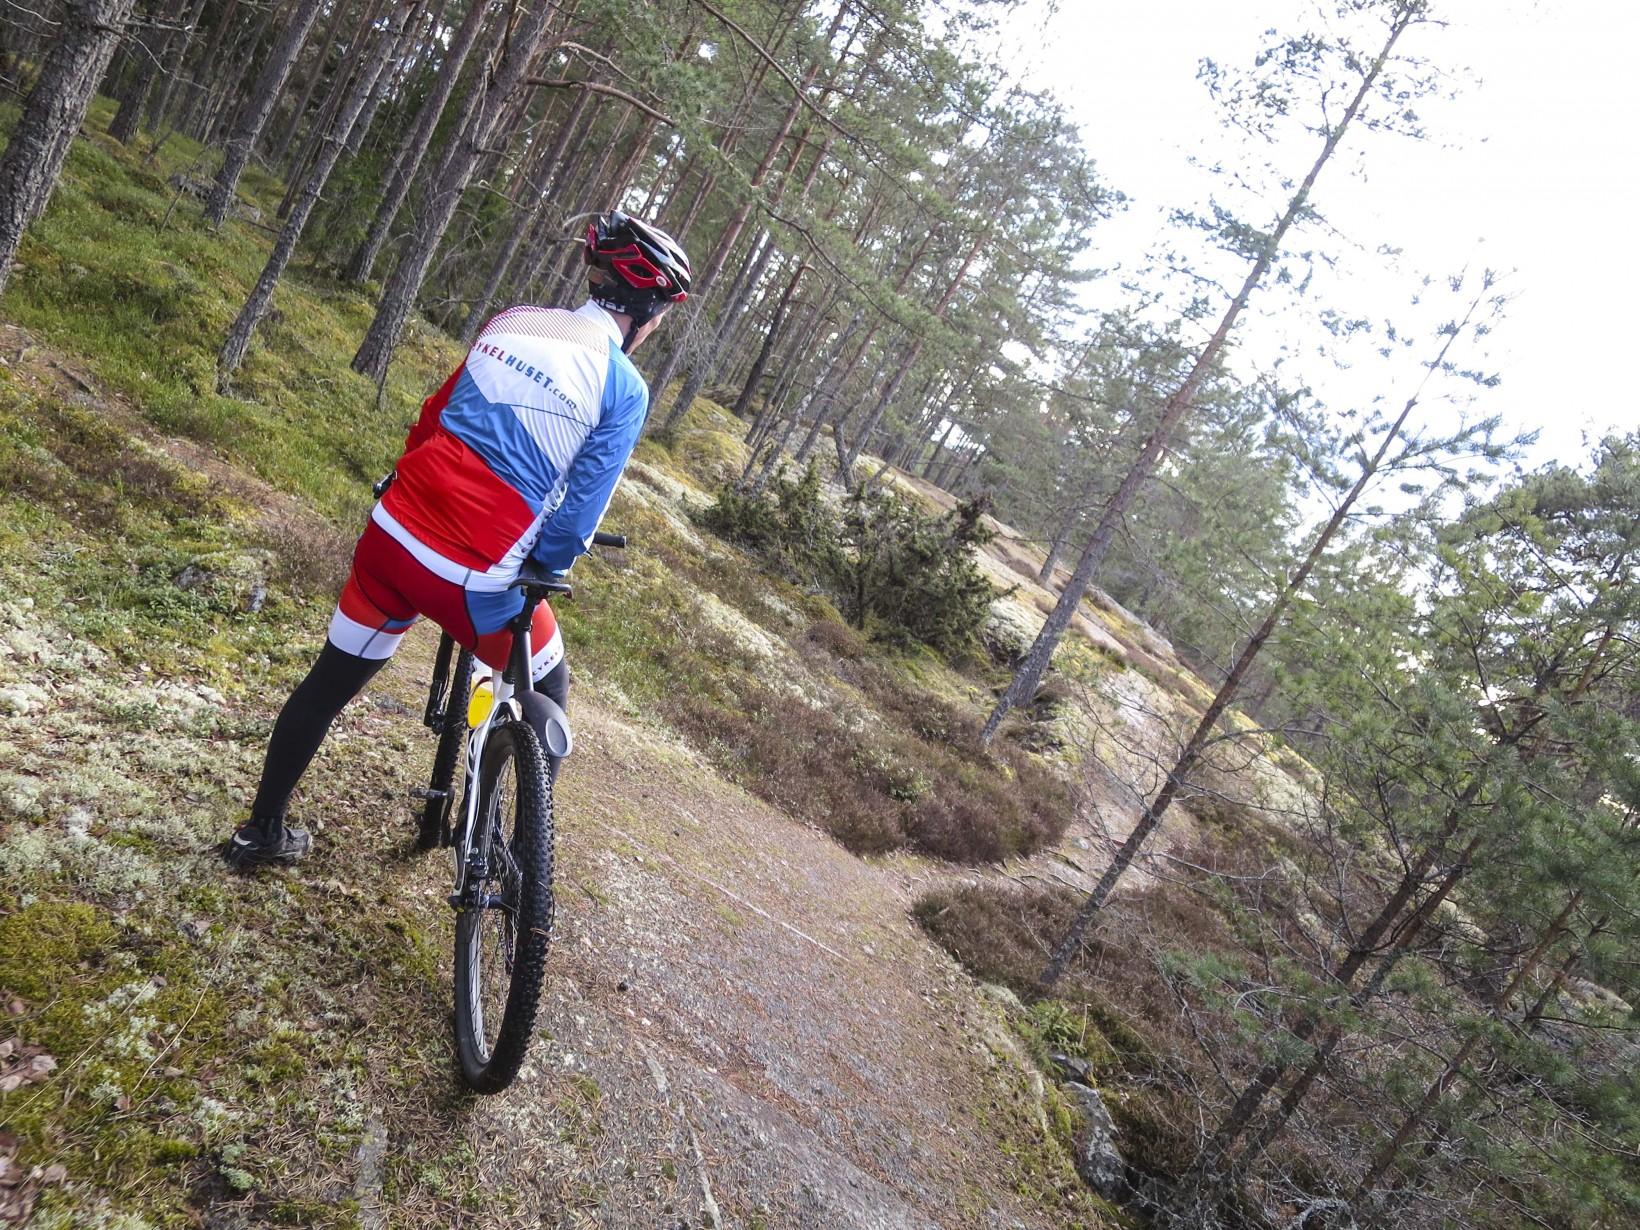 Jesper_Andersson_IMG_2968_www.jeppman.com_20160427